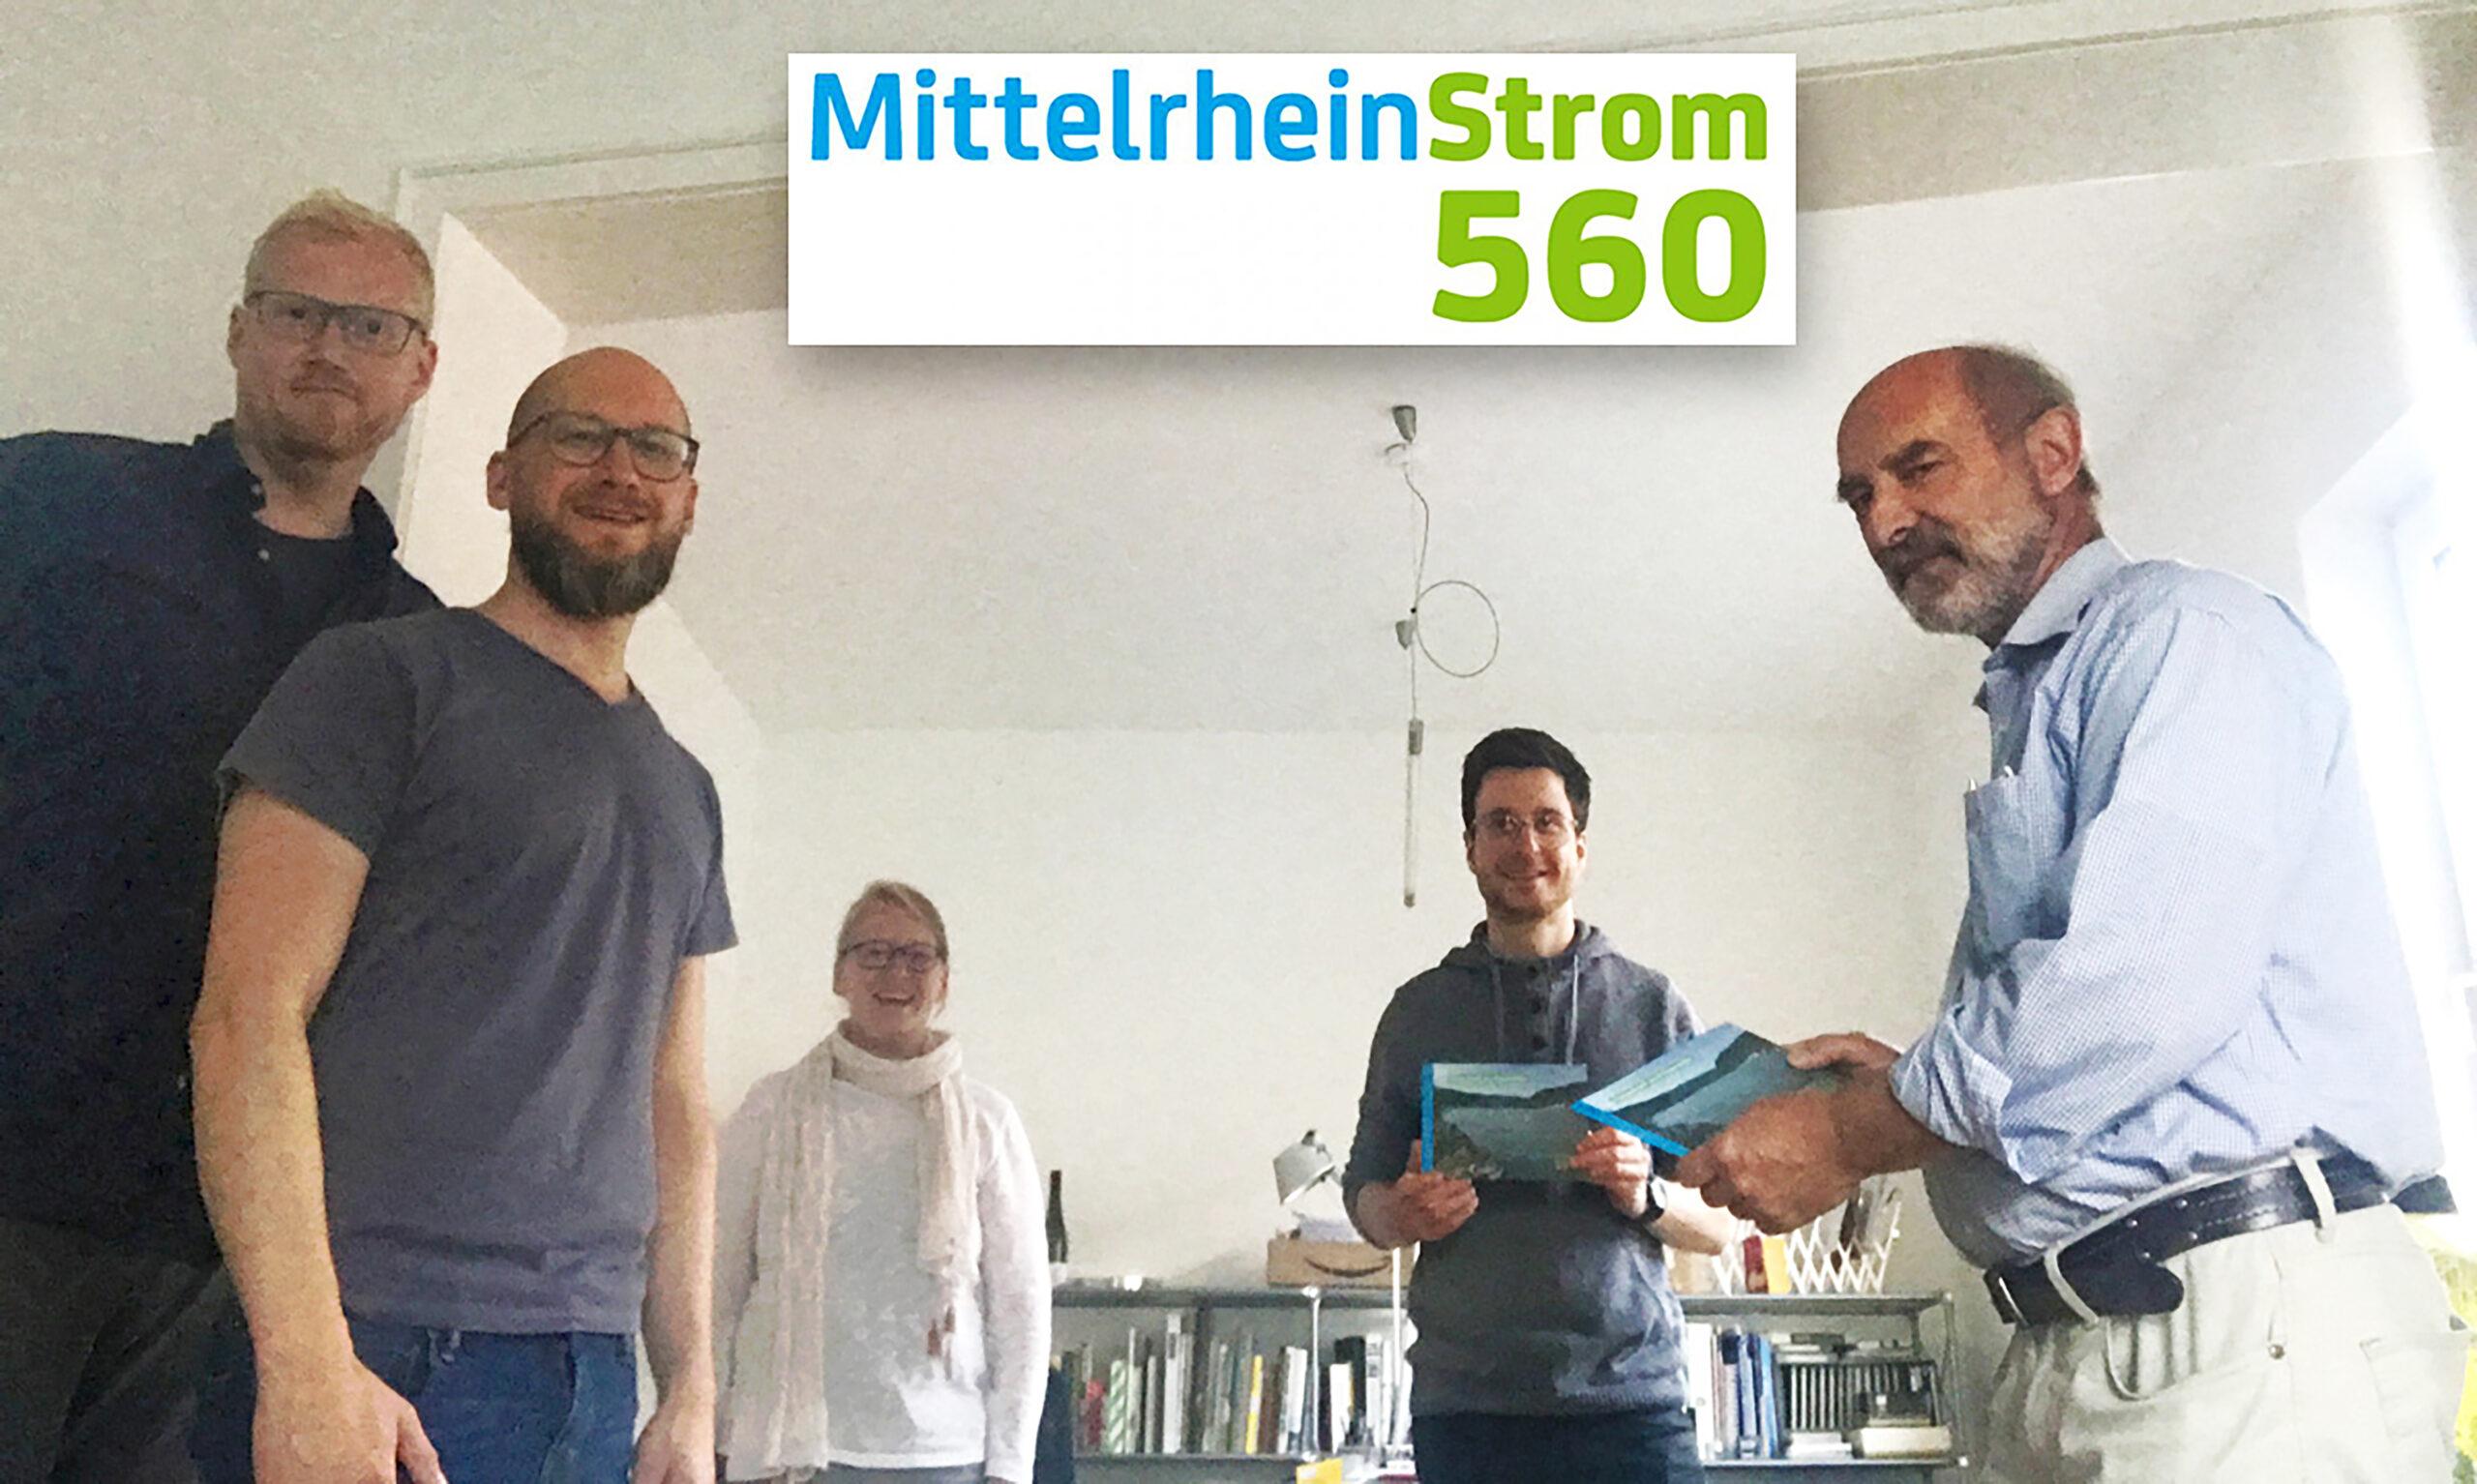 Strom aus dem Mittelrhein ist möglich und greifbar nahe.